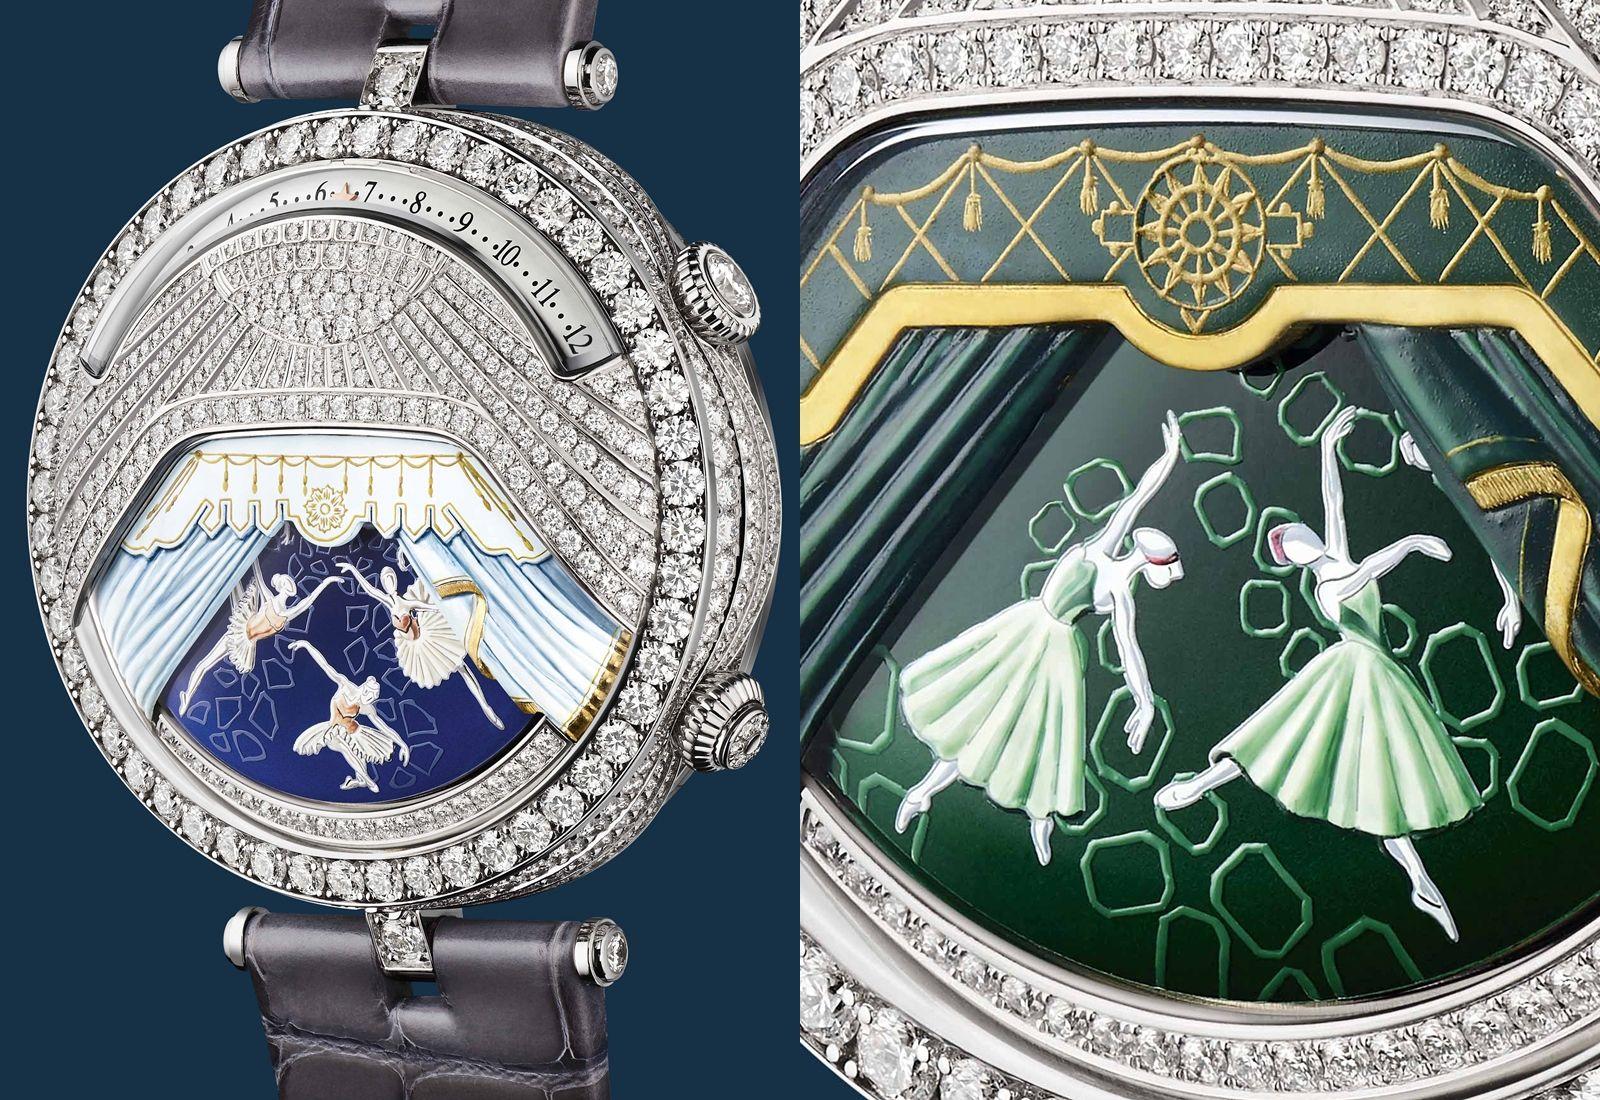 首枚結合音樂與動畫的腕錶!Van Cleef & Arpels讓芭蕾舞伶在錶盤上舞出經典舞劇